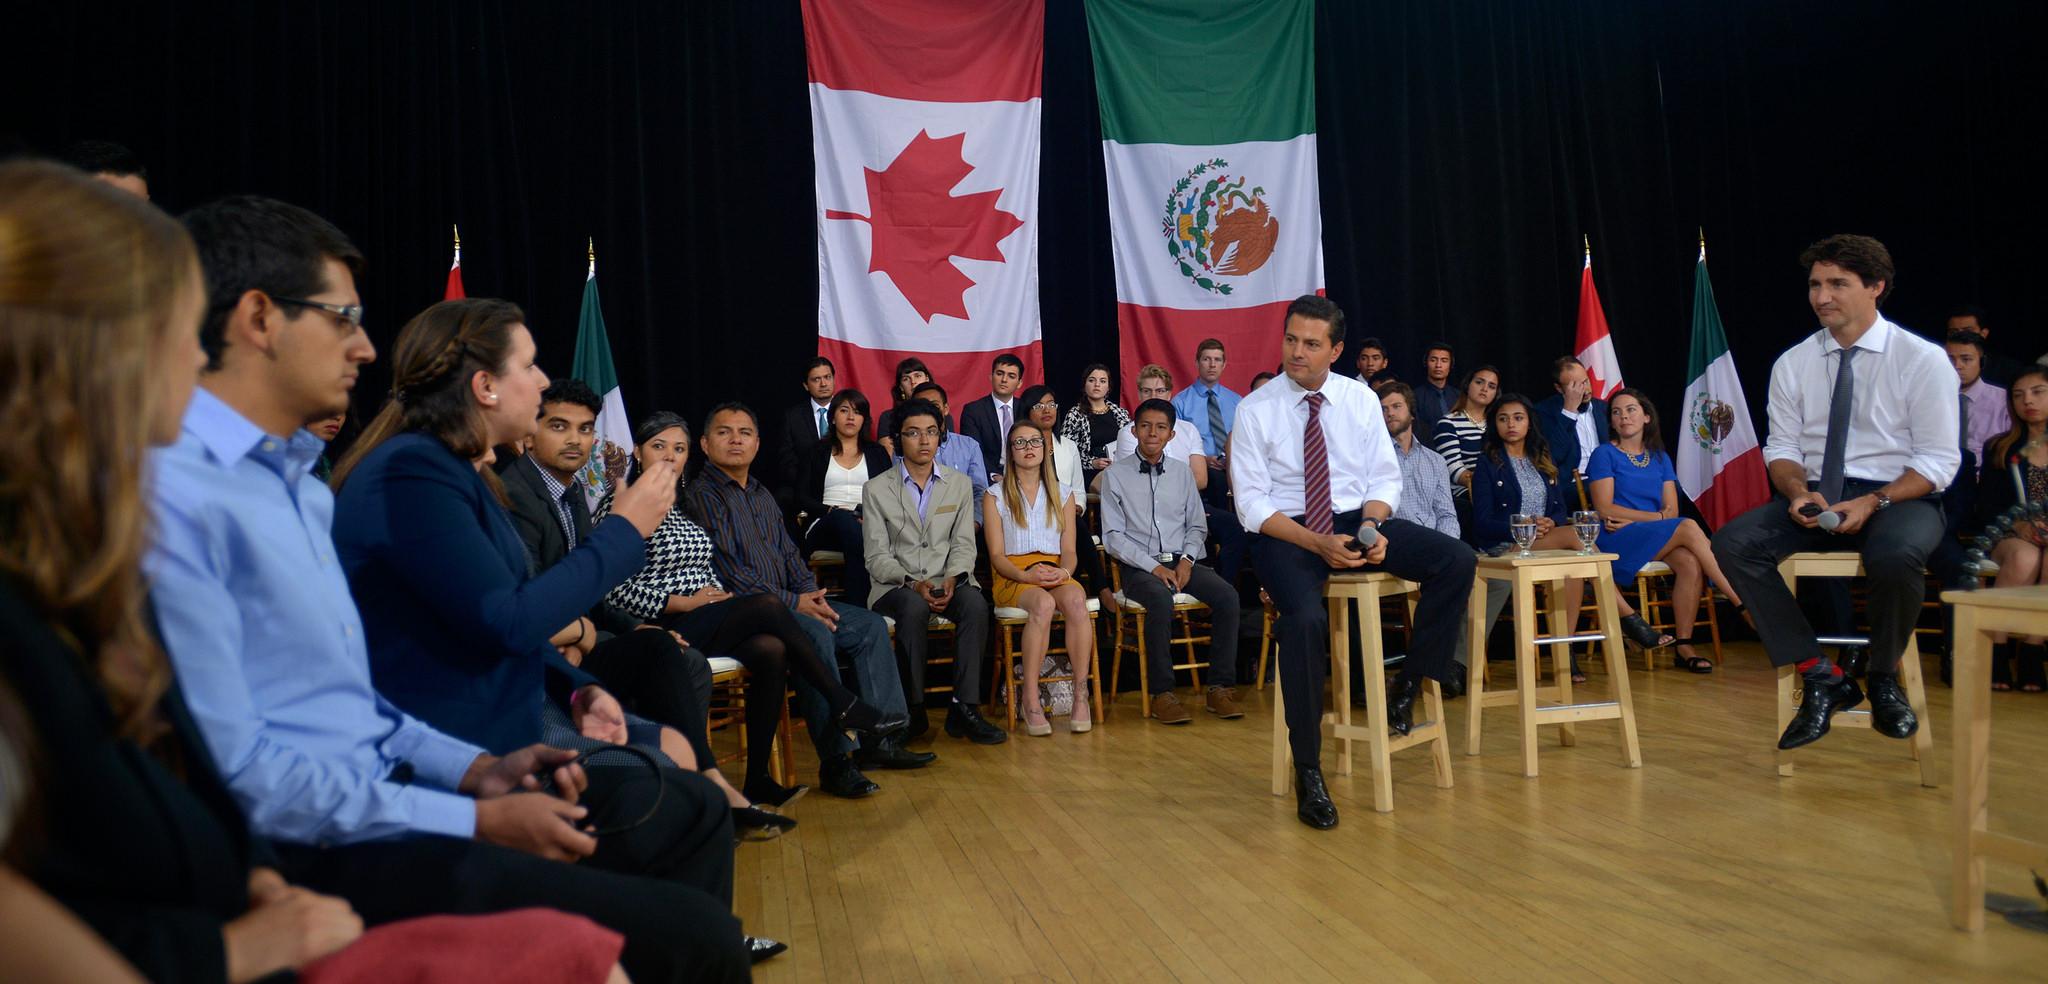 """""""México ve en Canadá a un pueblo que ha sabido crecer y desarrollarse con libertad y justicia social, a una sociedad igualitaria, forjada en la cultura del esfuerzo"""": EPN"""